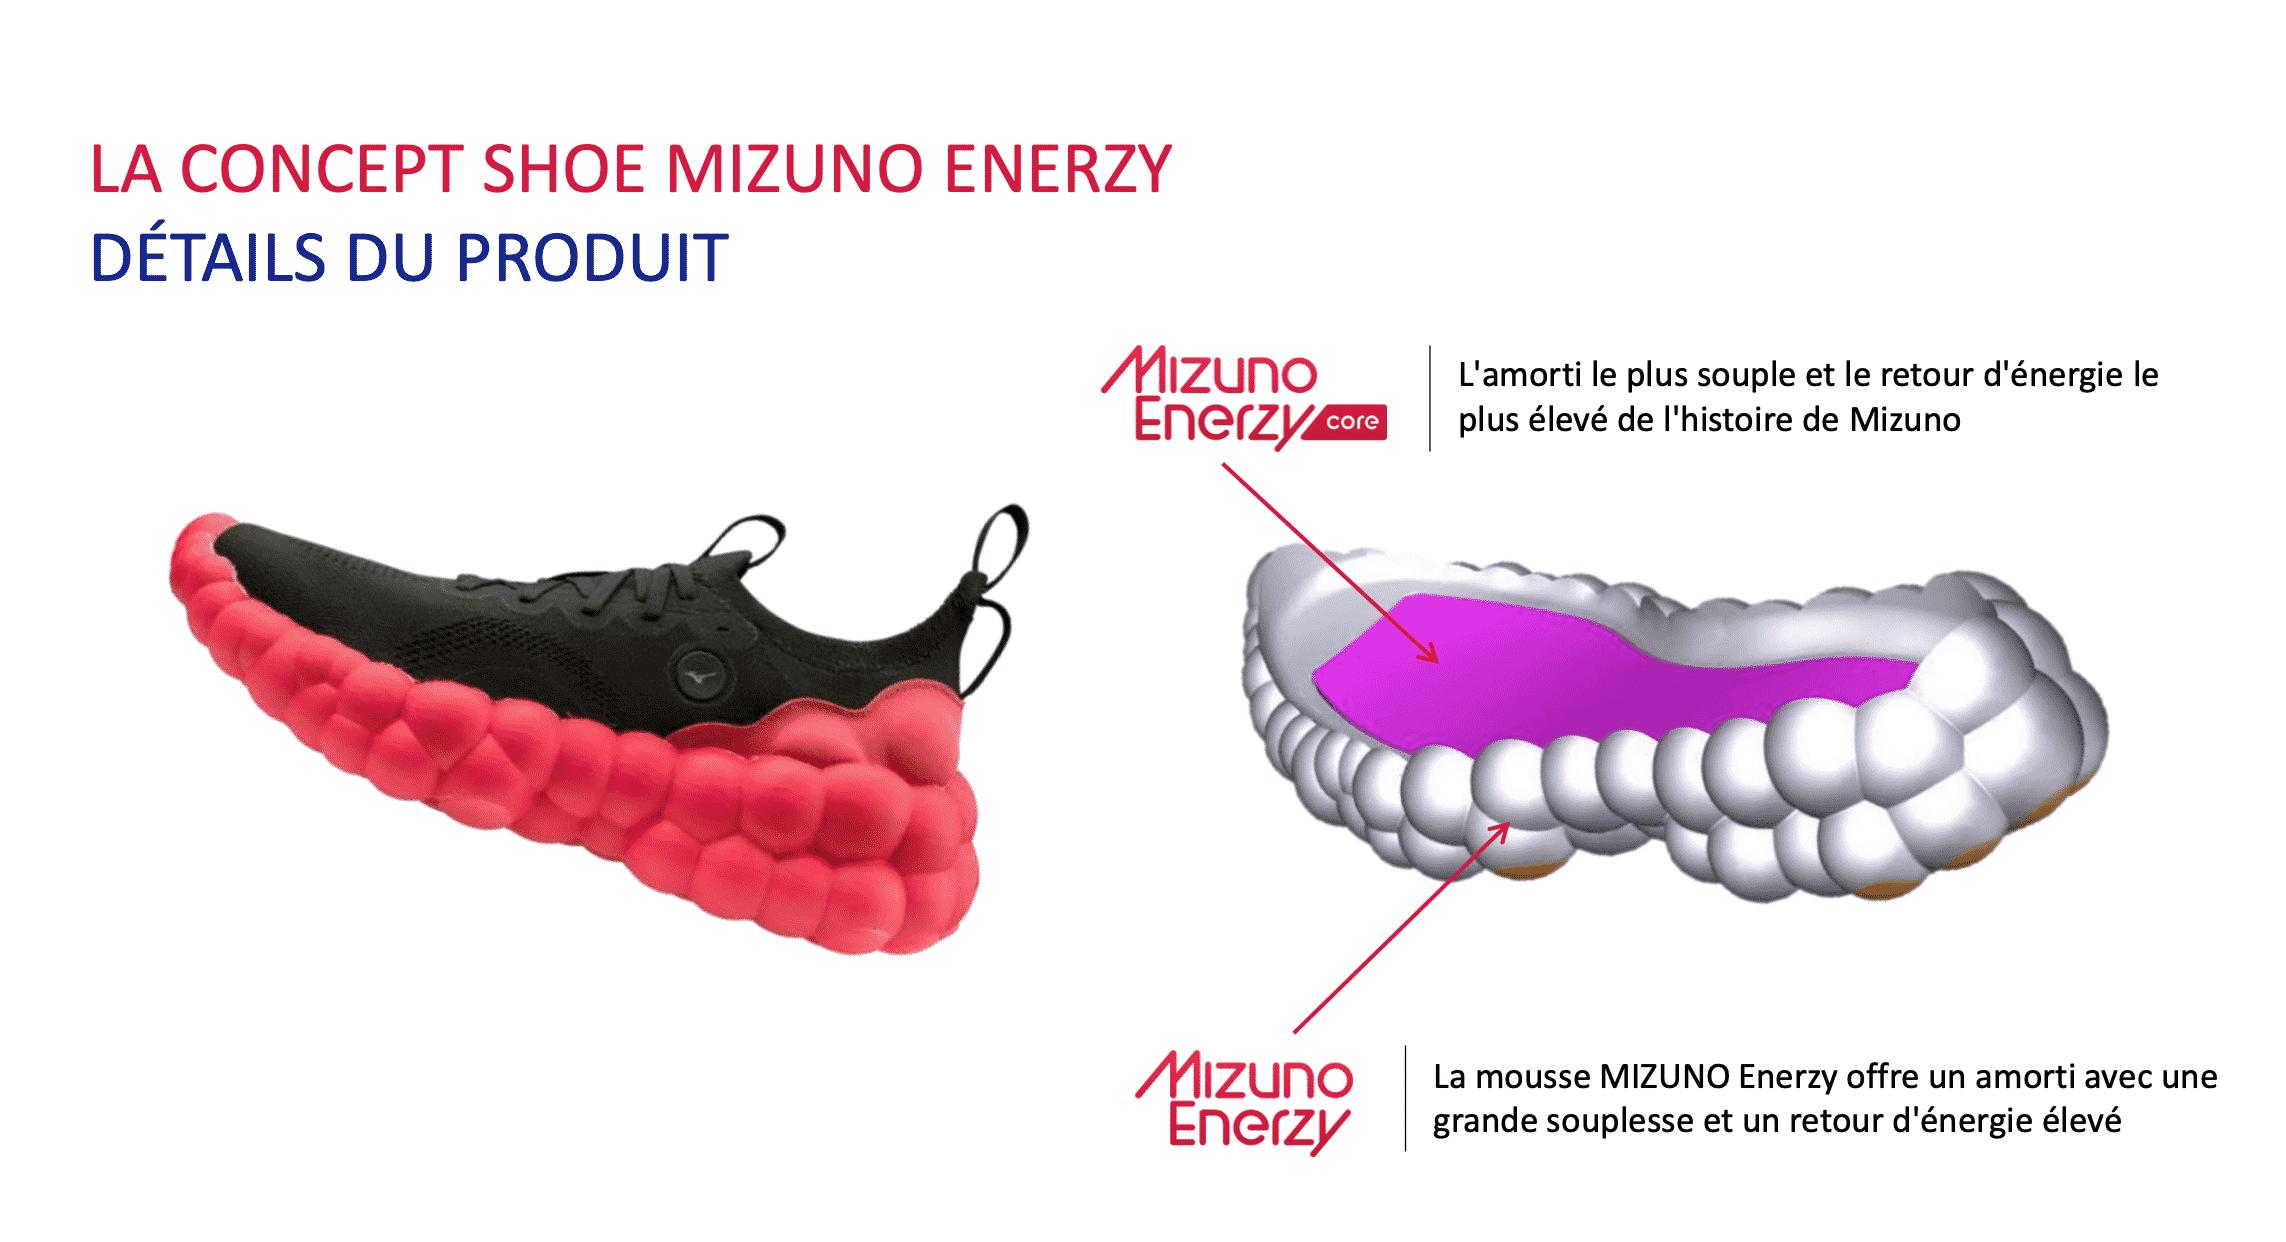 nouvelle-technologie-pour-les-chaussures-de-hand-voici-mizuno-enerzy-5